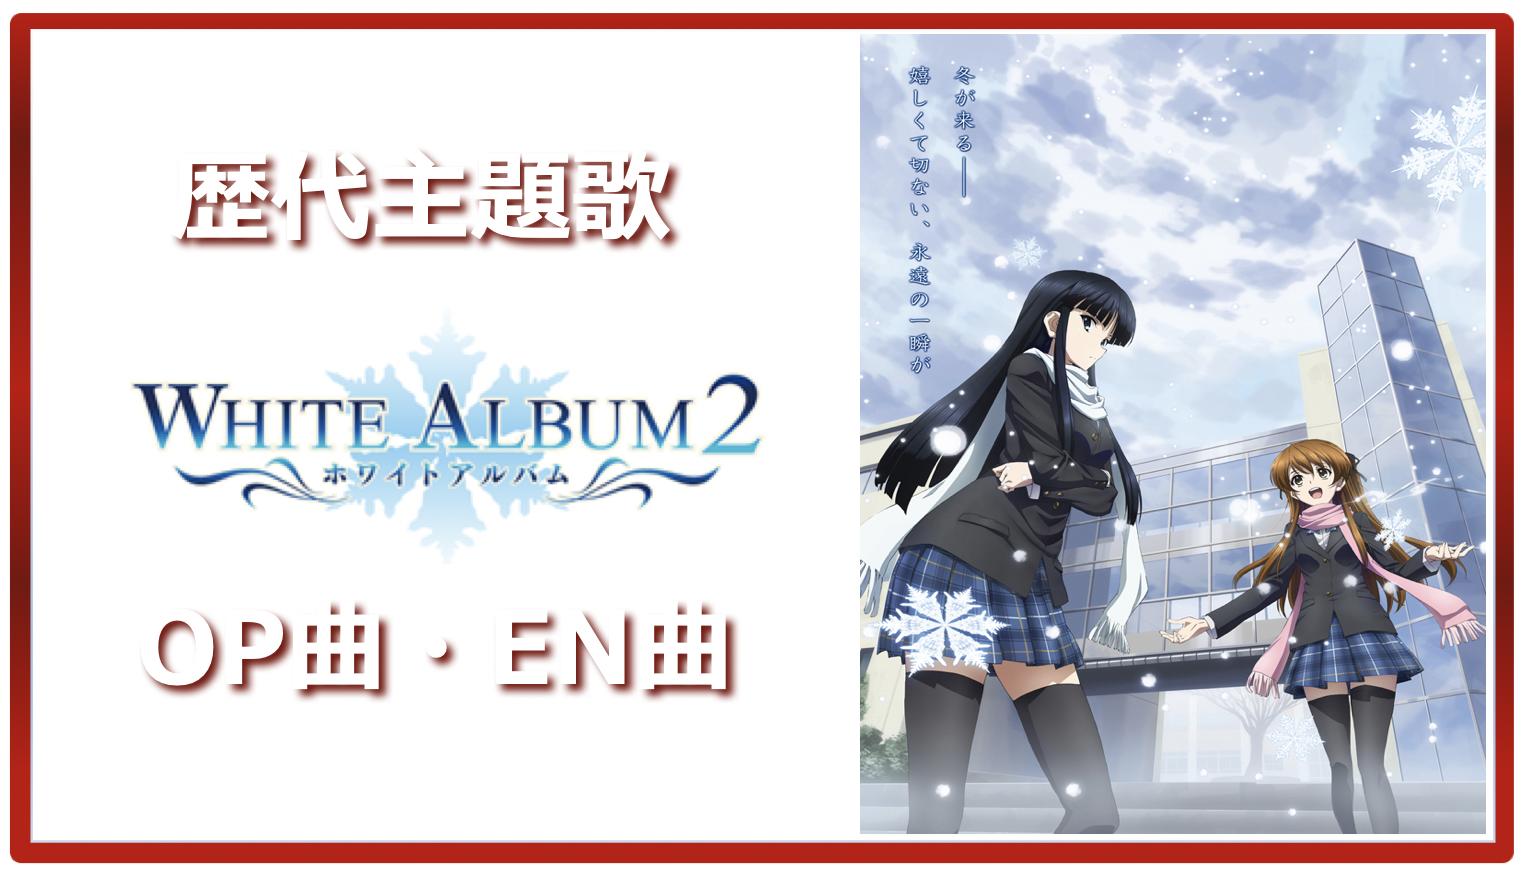 ホワイトアルバム2 アニメ